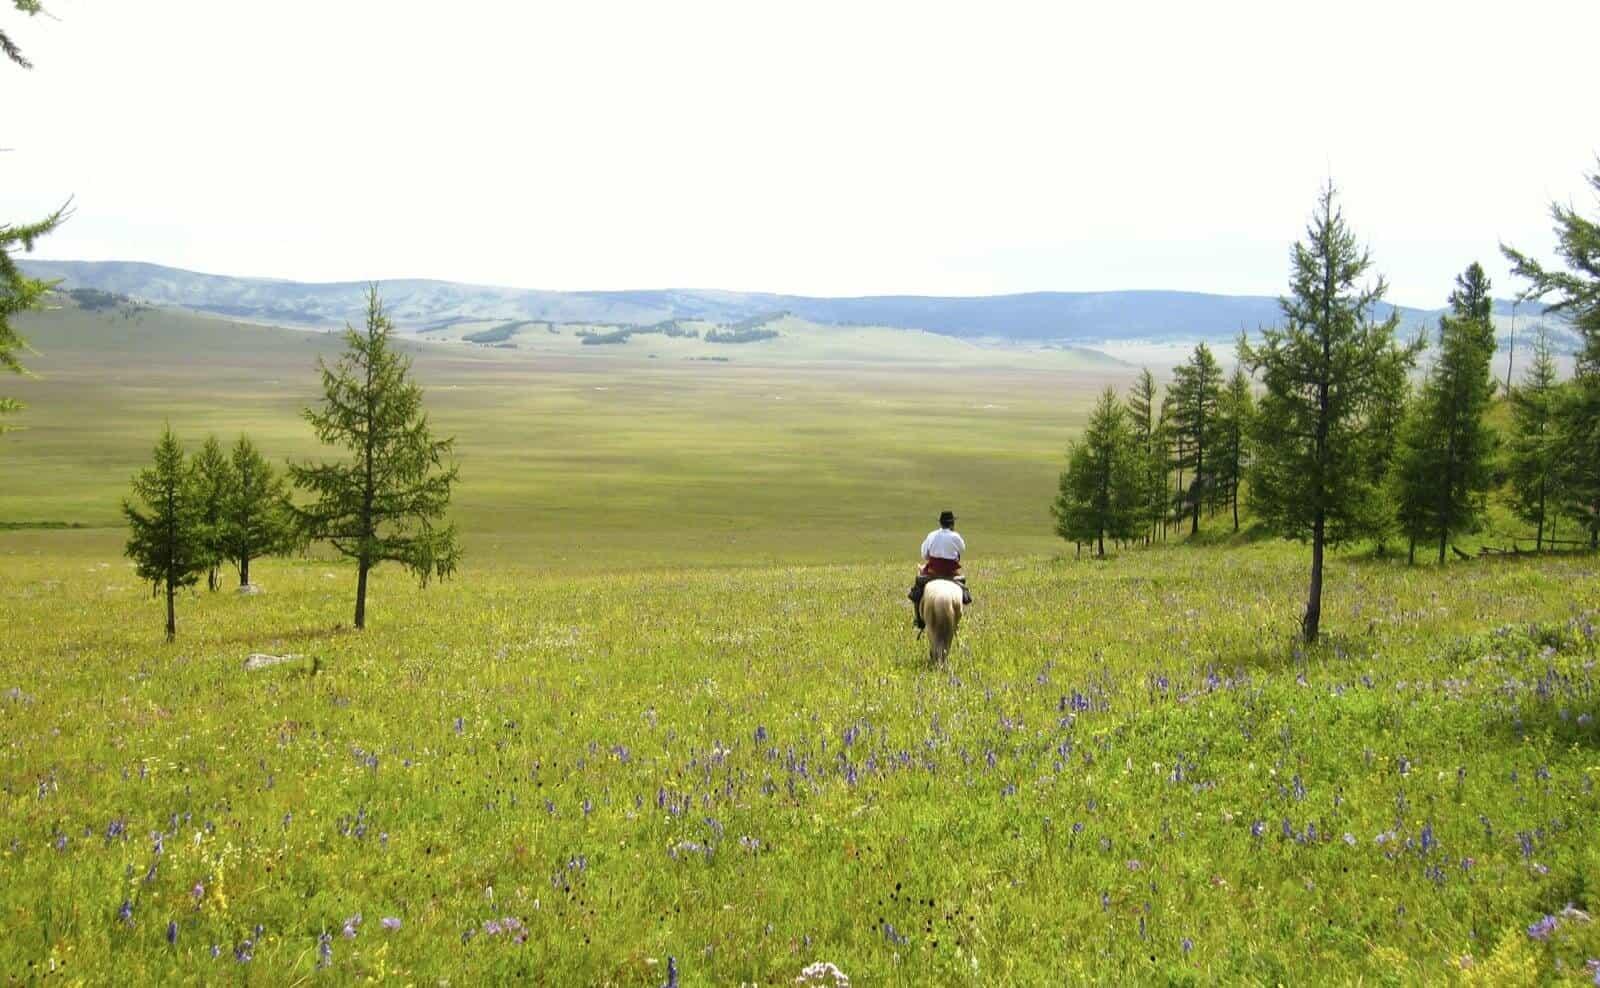 Reiten in der Mongolei